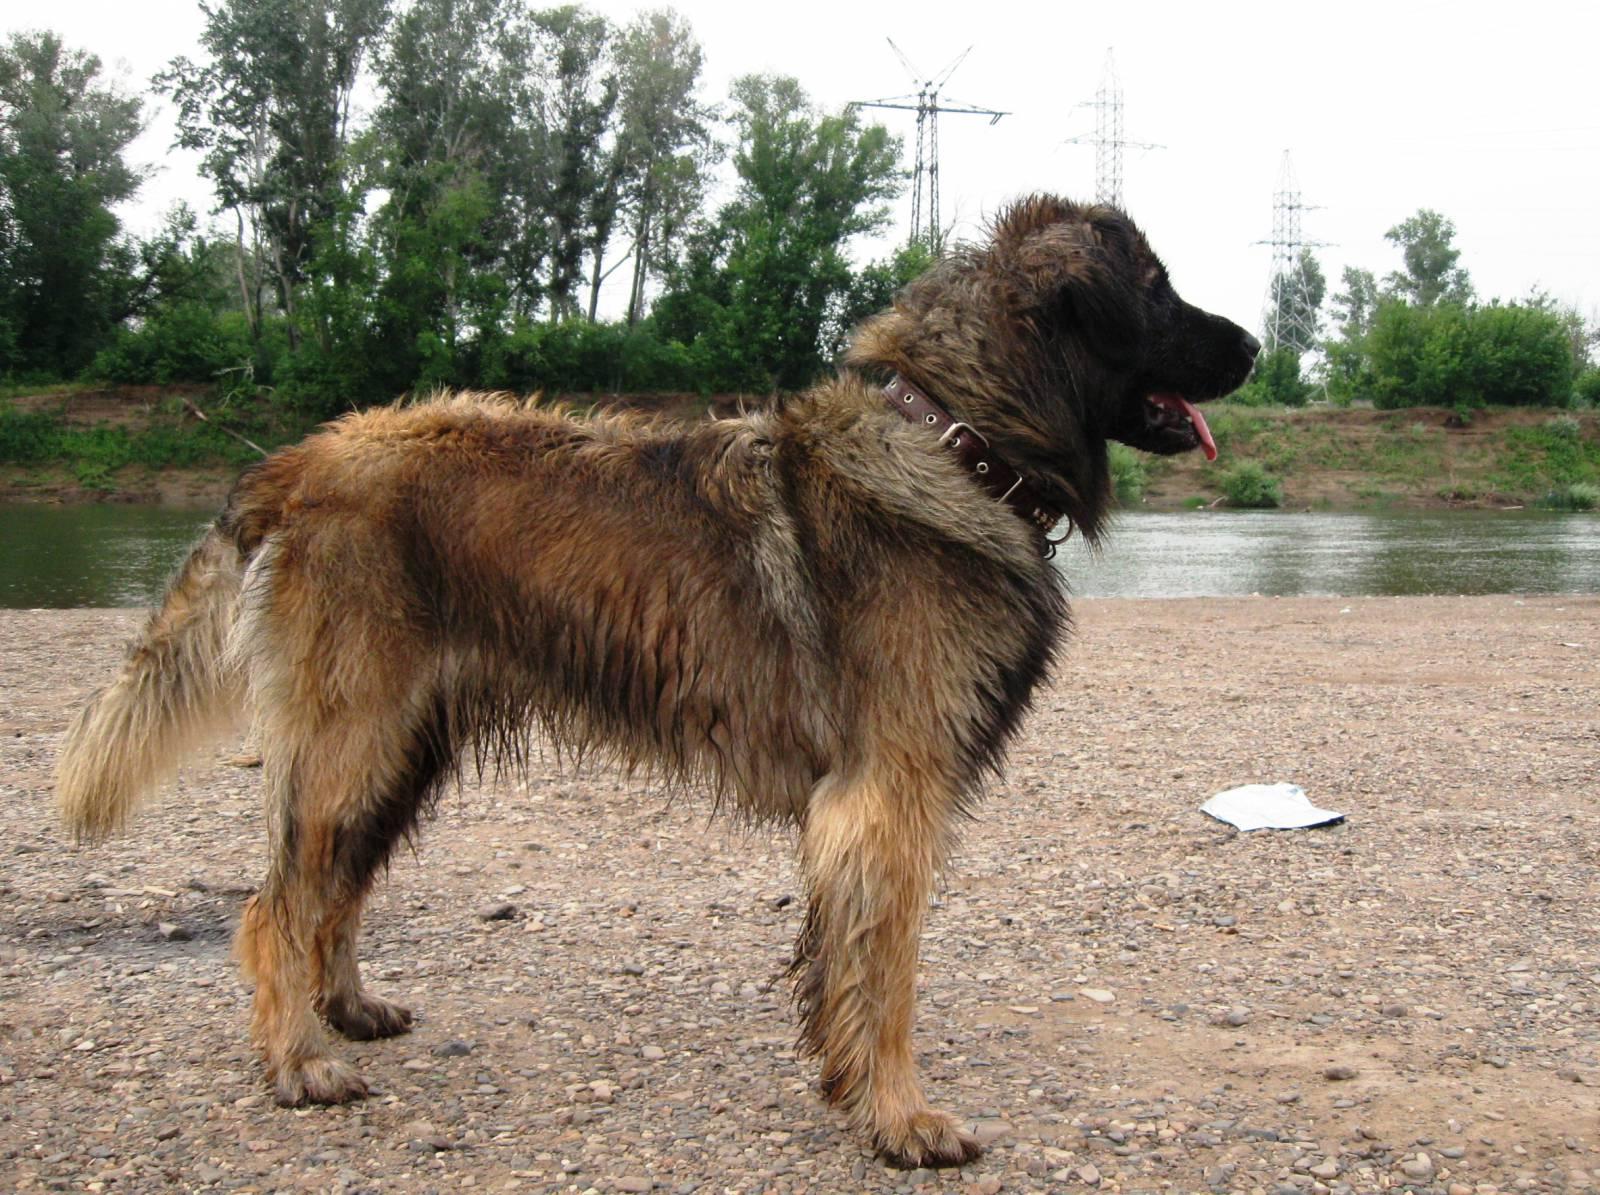 Walking Leonberger dog  wallpaper